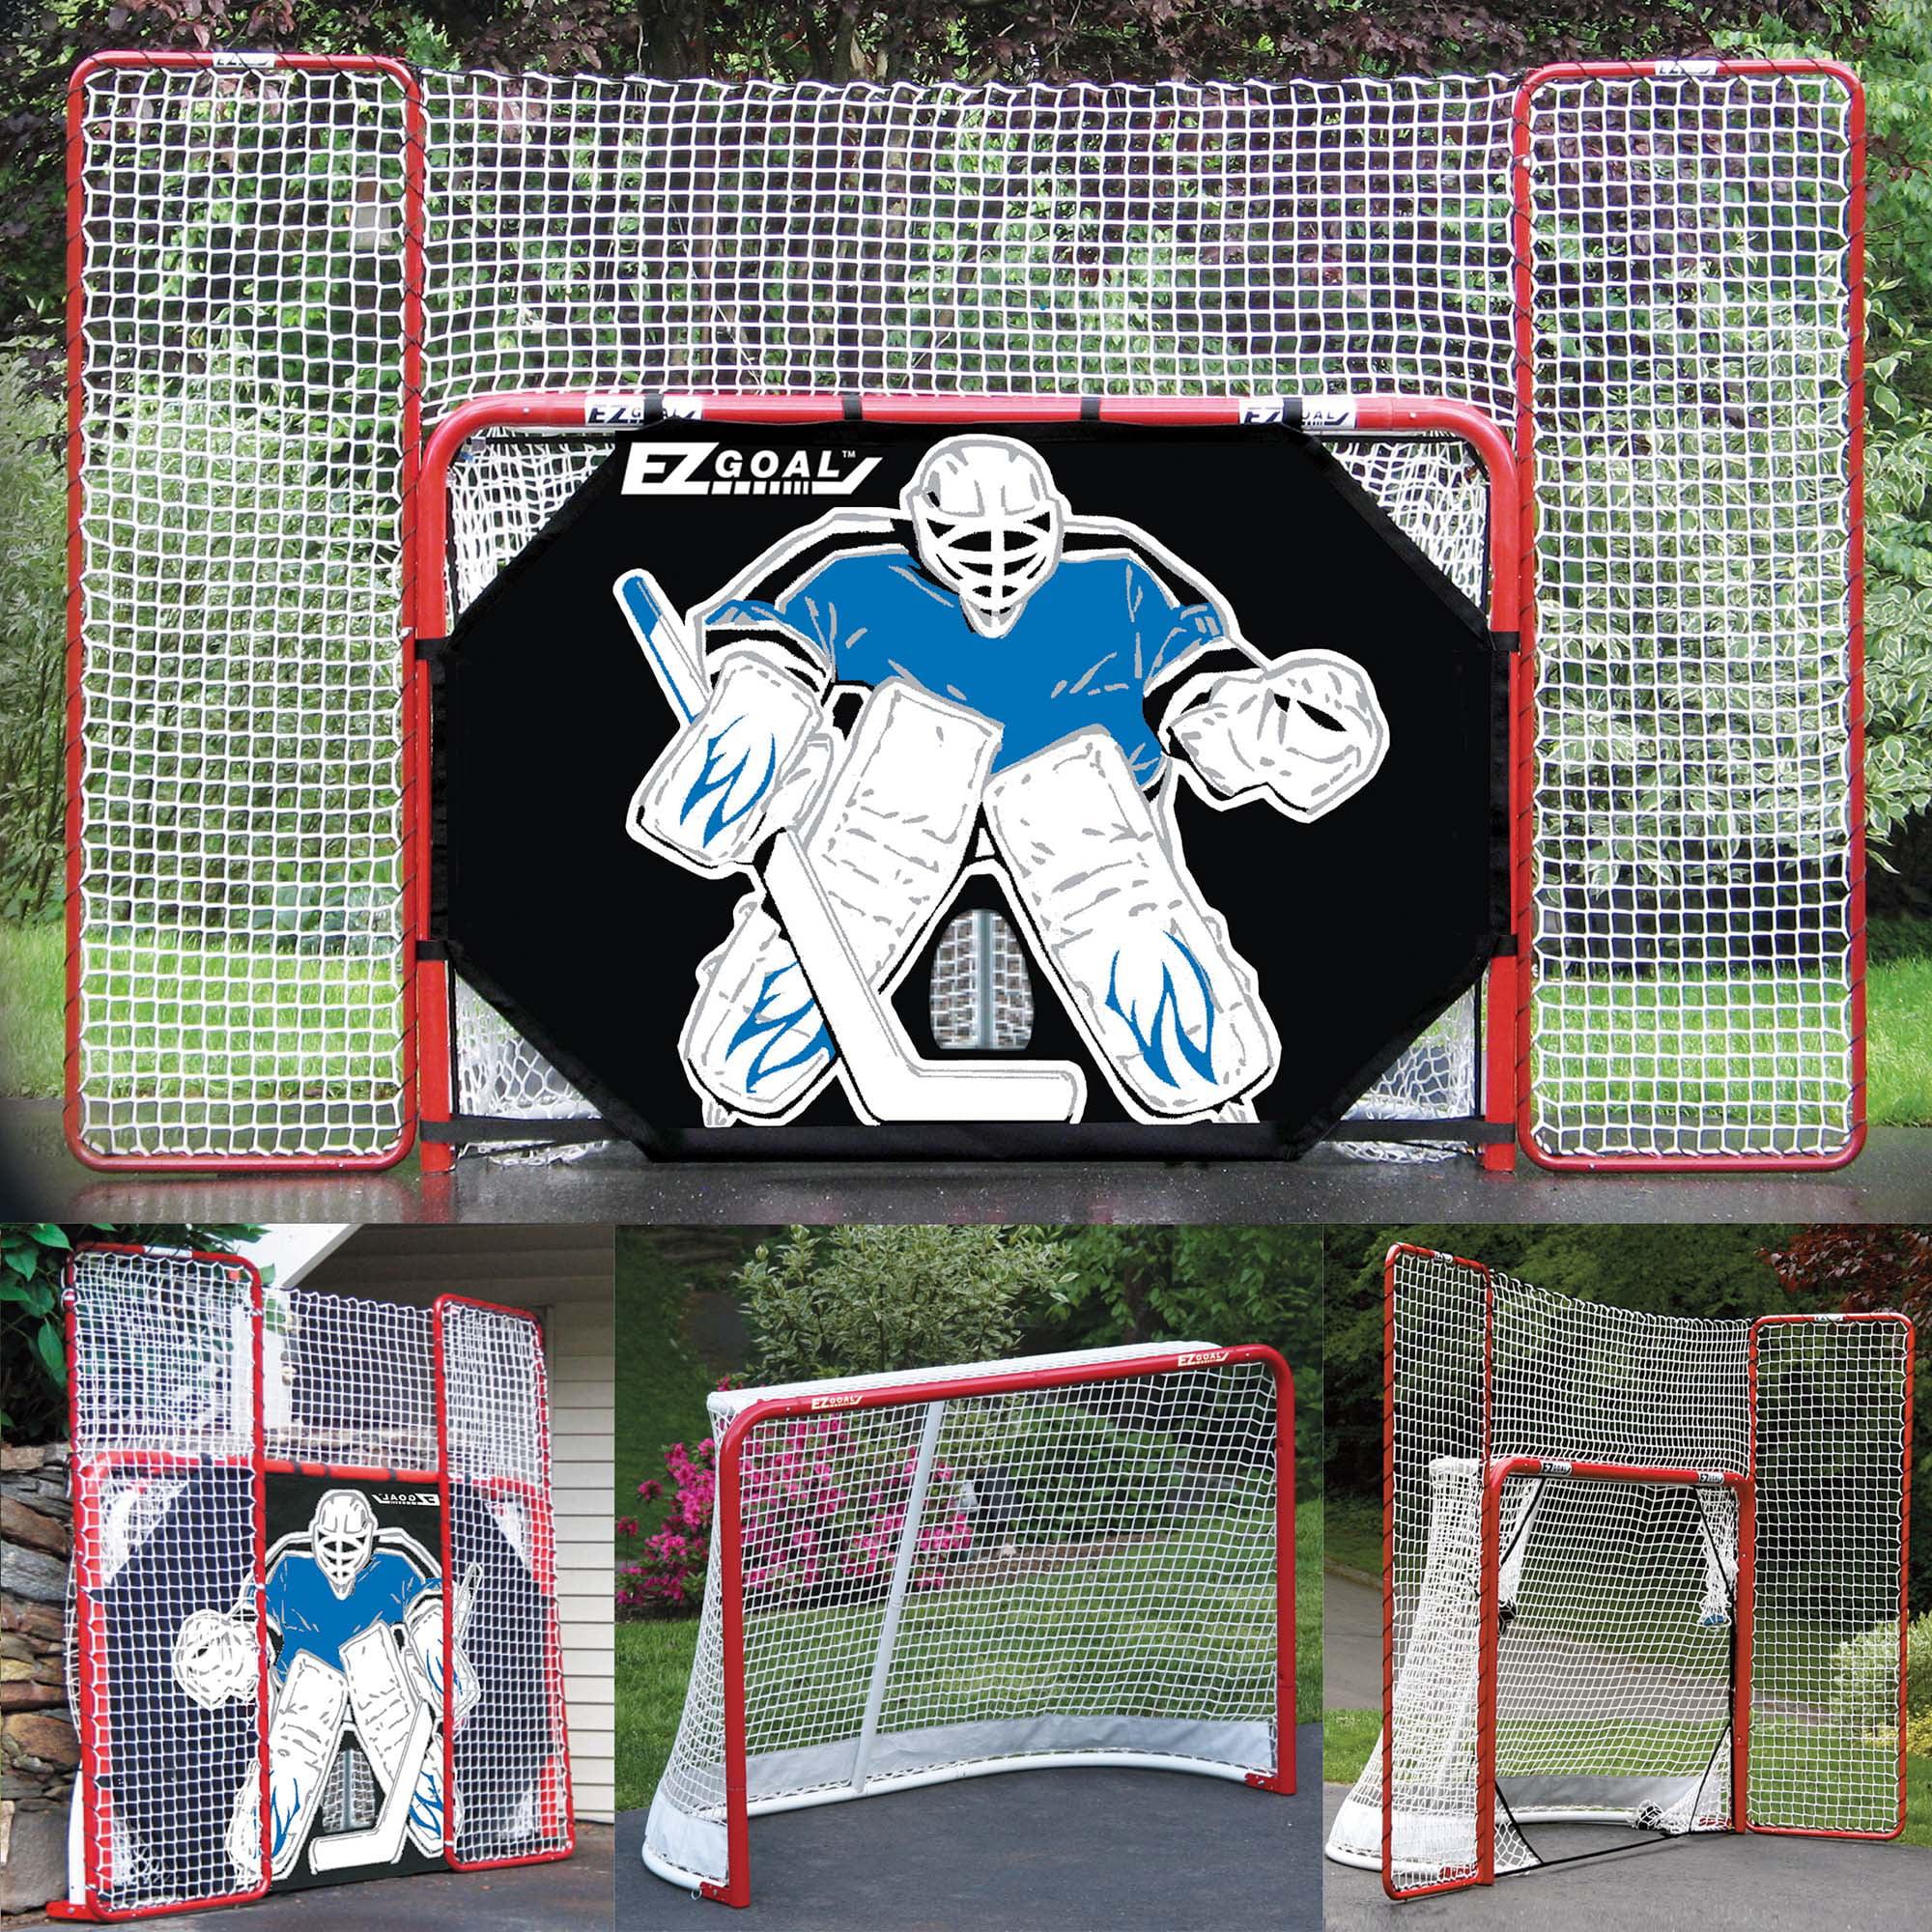 Ezgoal Monster 6 X 4 2 Official Regulation Folding Metal Hockey Goal Net 10 X 6 Backstop Shooter Tutor 5 Net Pocket Targets Walmart Com Walmart Com